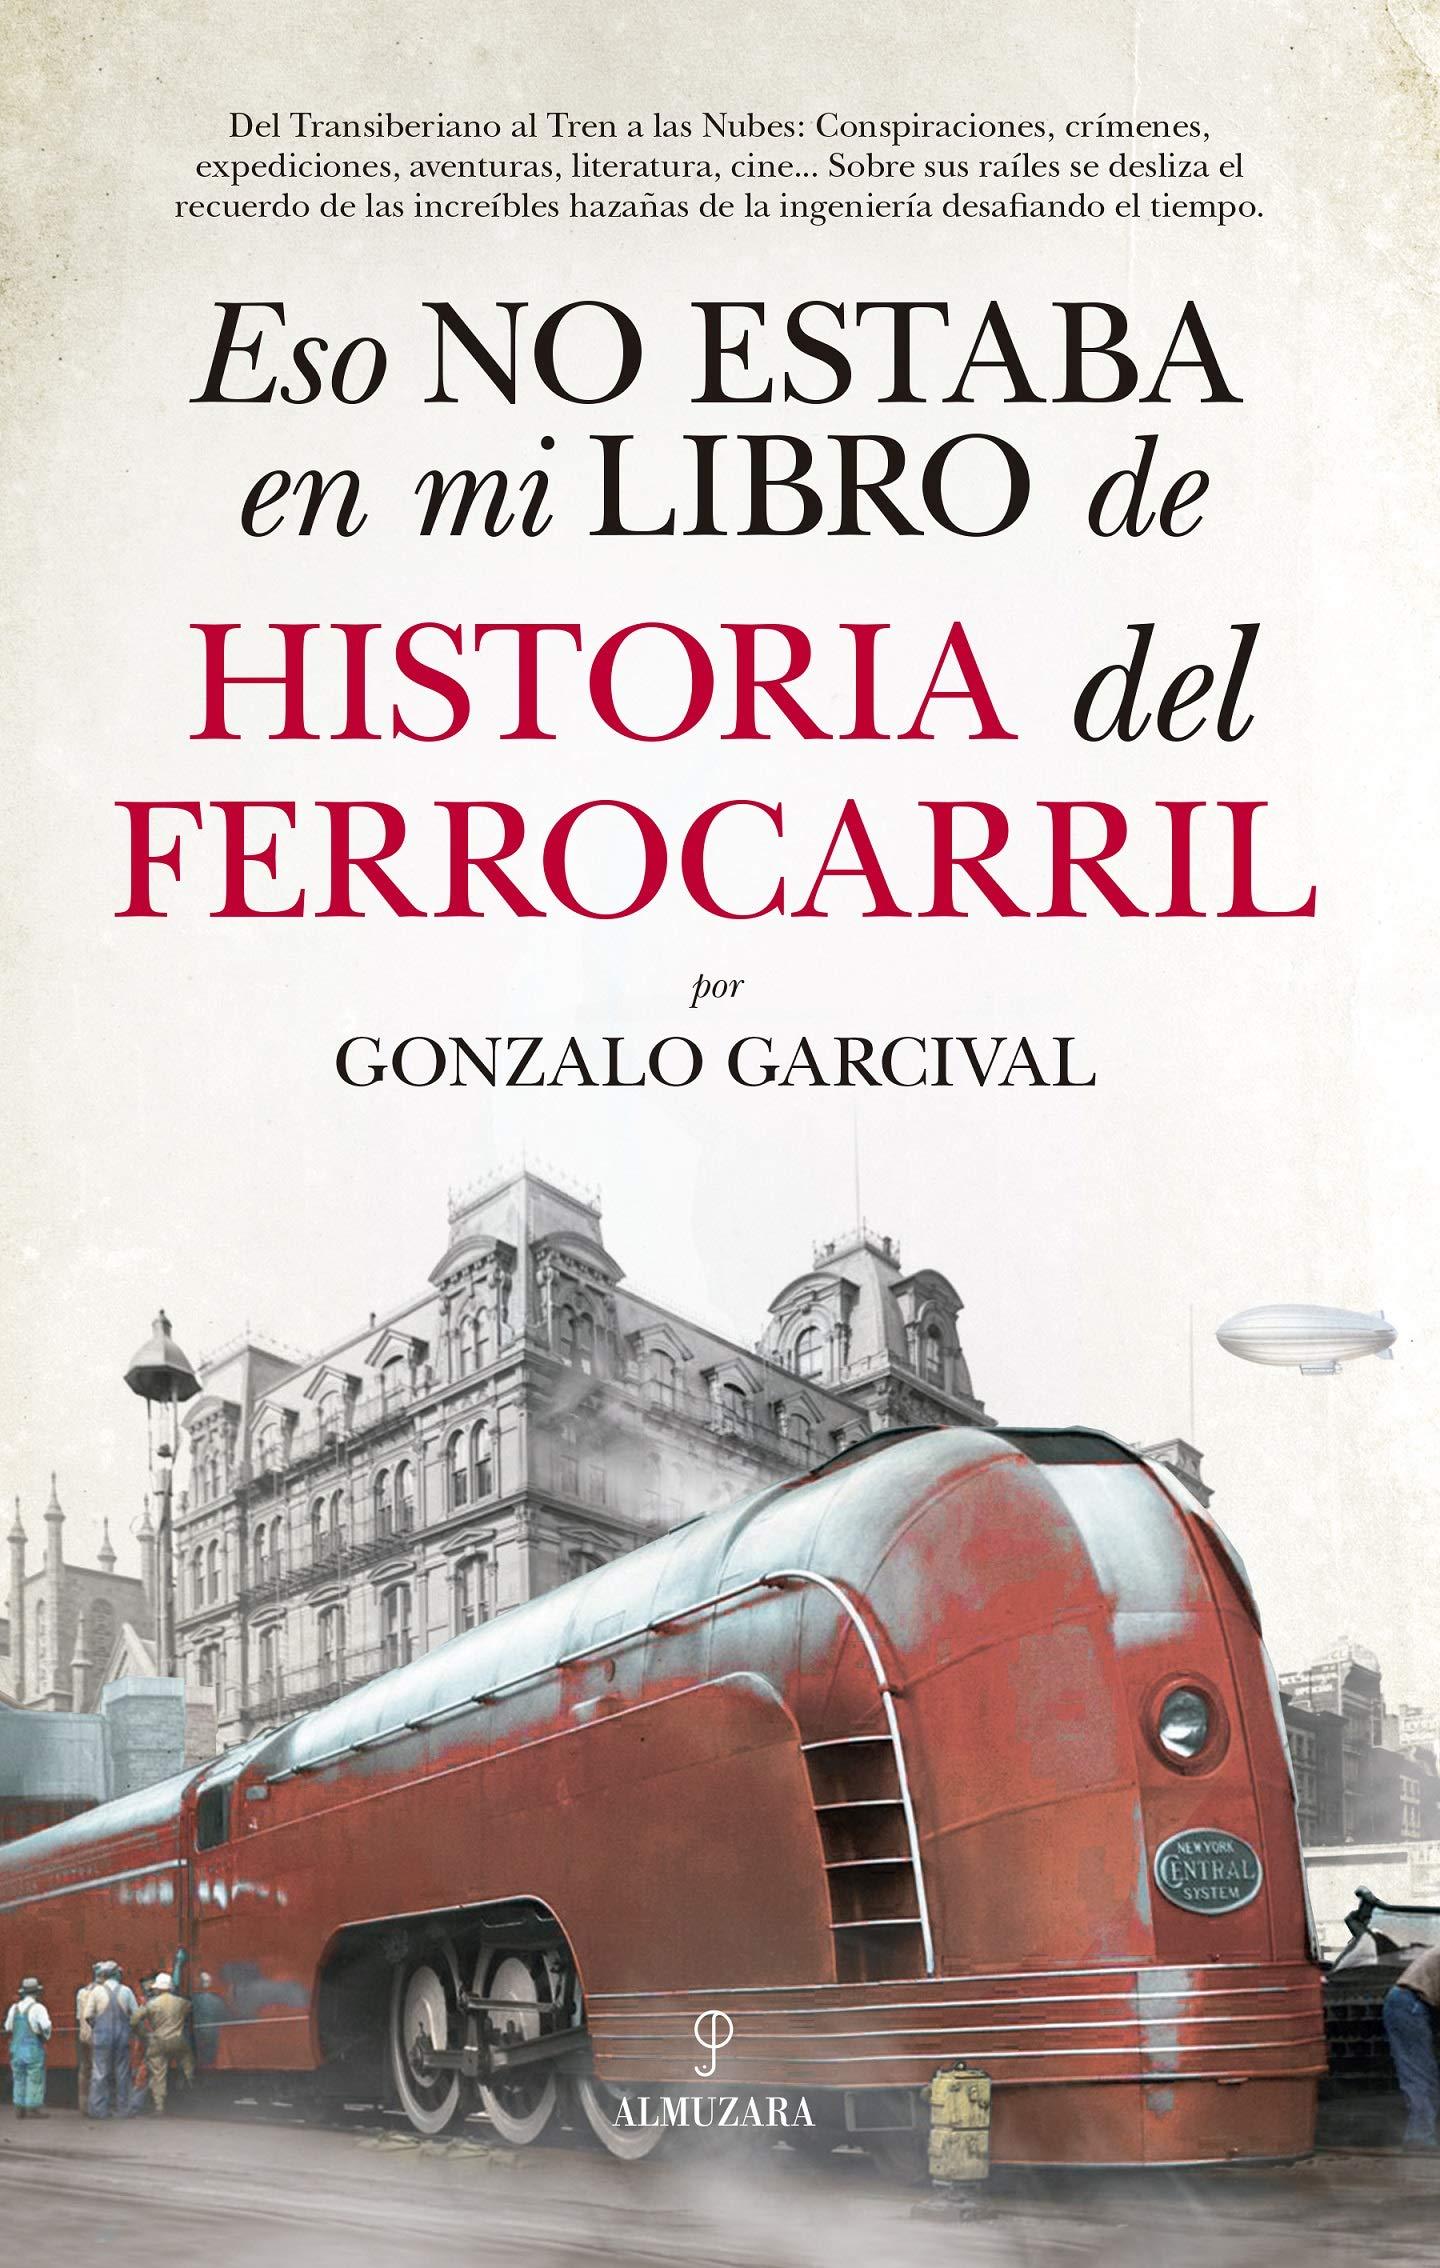 Eso no estaba en mi libro de historia del ferrocarril: Amazon.es: Gonzalo Garcival: Libros